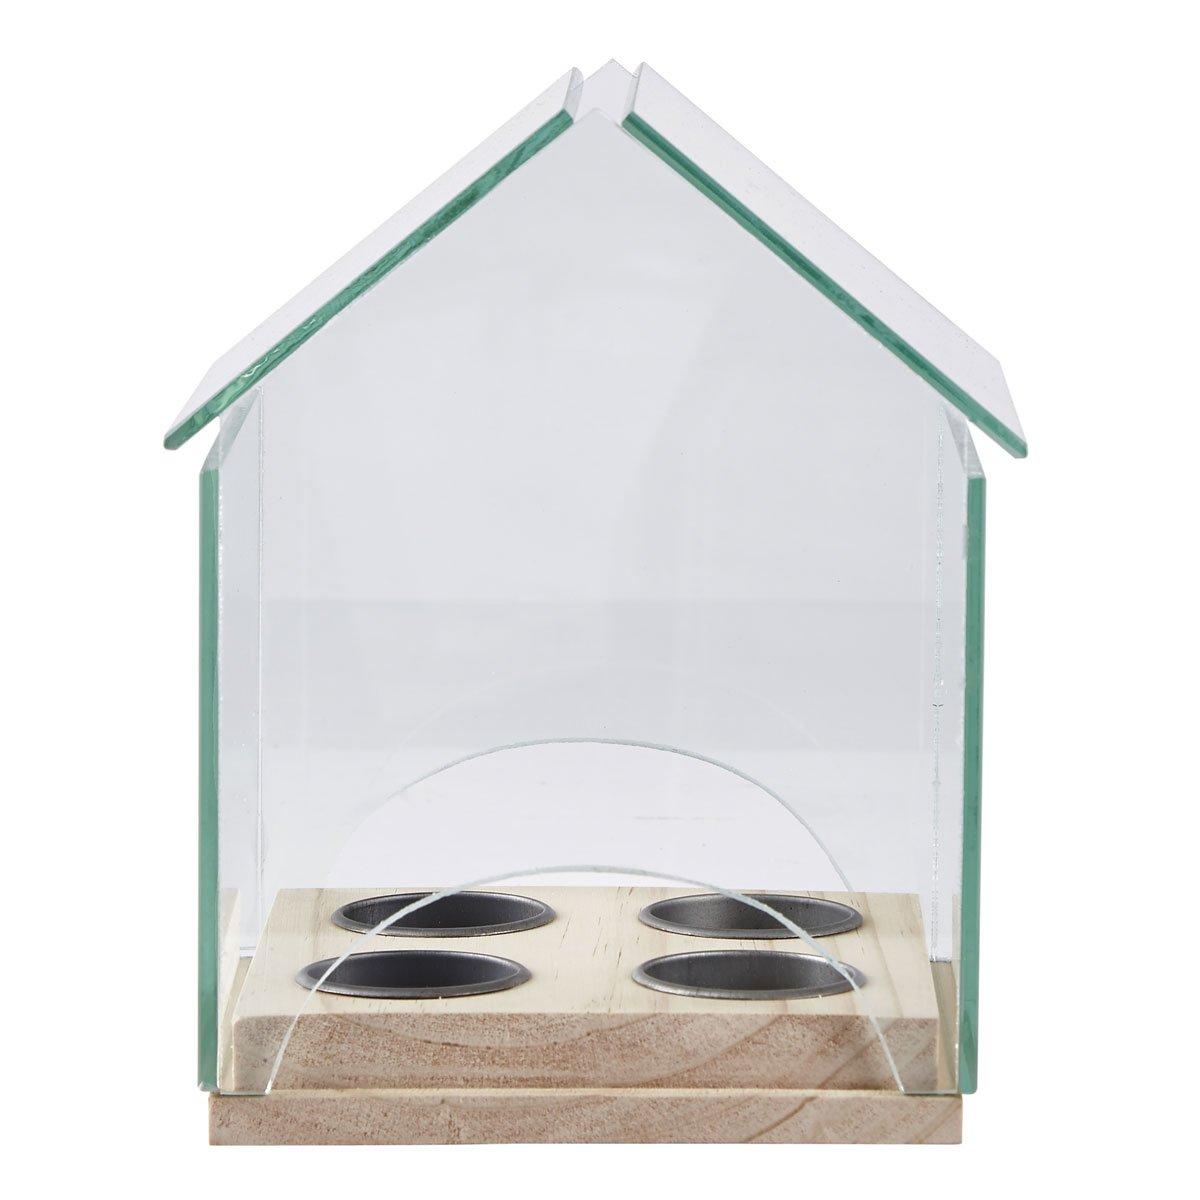 Portavelas casa vidrio madera transparente ckj sears com mx me entiende - Vidrio plastico transparente precio ...